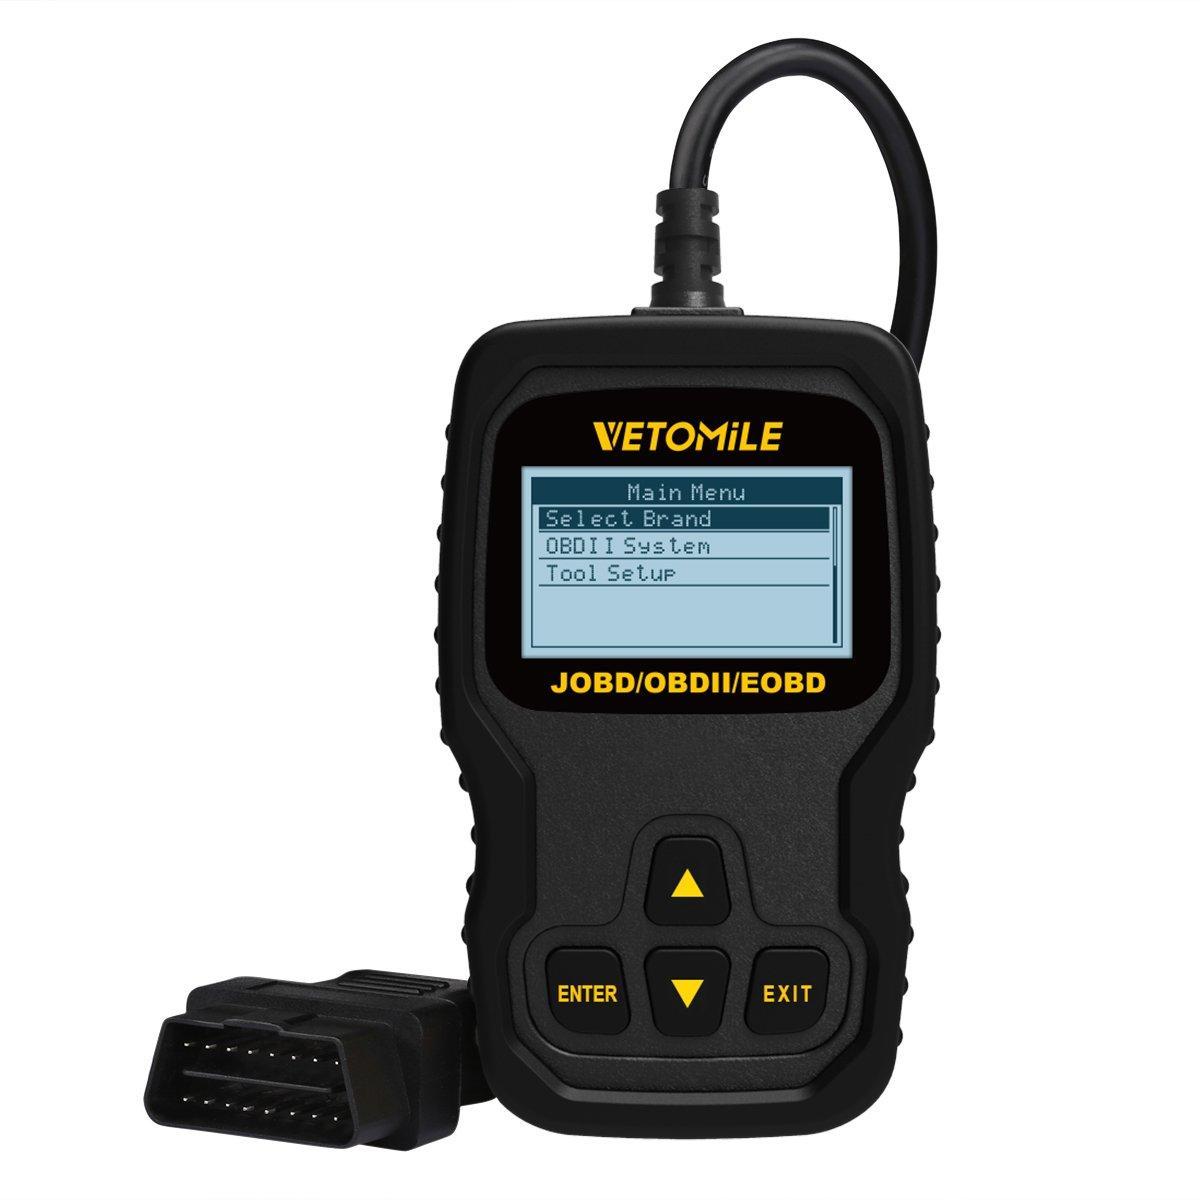 VETOMILE OBD2 Scanner Universal Car Engine Diagnostic Scanner Auto Car Code Reader for JOBD OBD2 EOBD Vehicles (VT127)